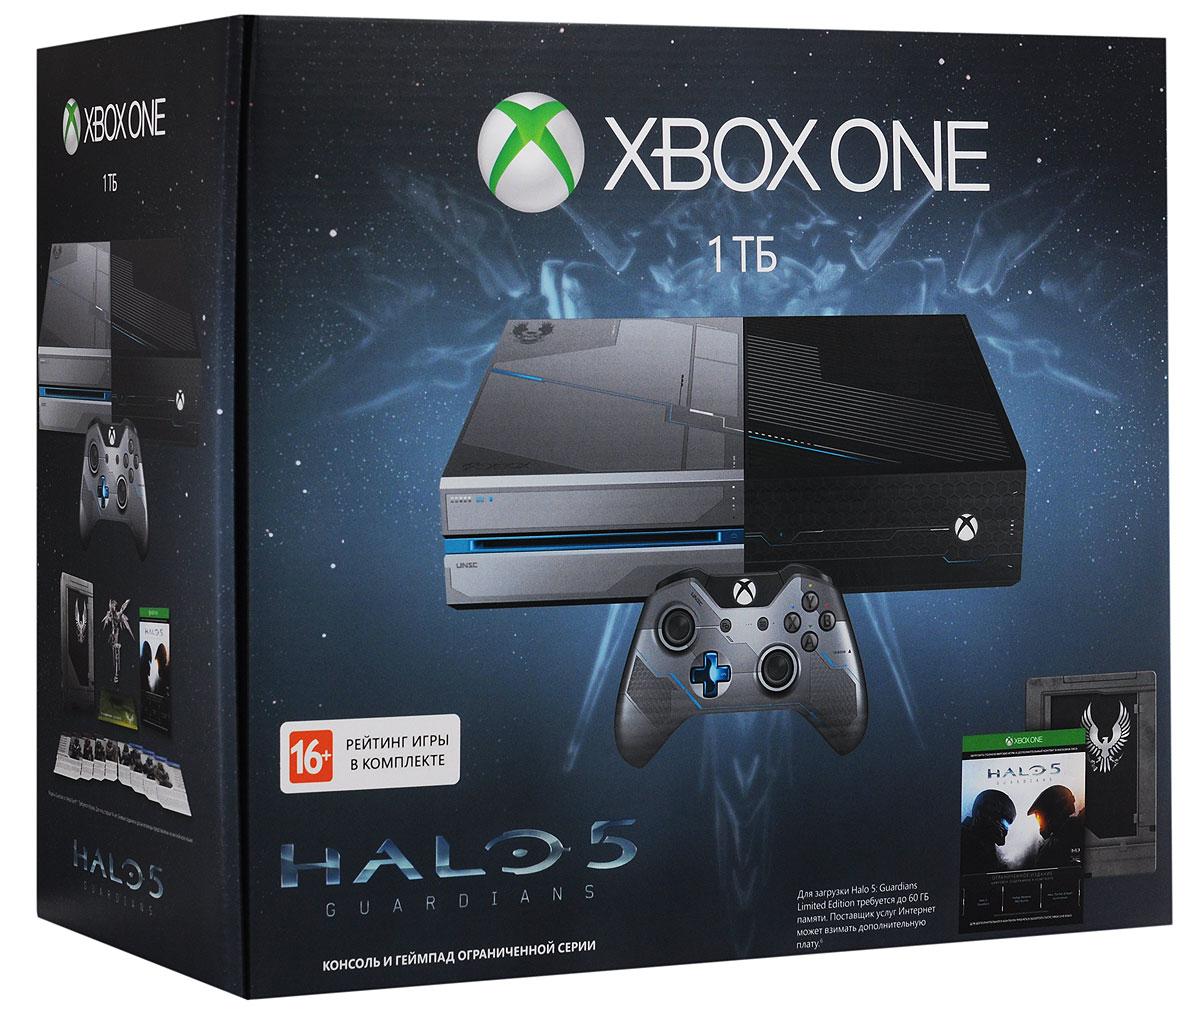 Игровая приставка Xbox One 1 ТБ + Halo 5: GuardiansKF6-00012Купите комплект Xbox One из ограниченной серии Halo 5 и получите консоль в уникальной раскраске с 1 ТБ жестким диском и геймпад в стиле Спартанца Локка, код на загрузку полной версии игры Halo 5 и набор Warzone REQPack.В наборе вы найдете 14 премиальных пакетов с дополнительными предметами для игры, броню класса FOTUS и эмблему для сетевой игры. Также в комплекте идет сборная модель Хранителя от компании Metal Earth, анимационный фильм Halo: The Fall of Reach, досье на Синюю команду и Отряд Осирис и секретные приказы Спартанца Локка. Консоль, оформленная в стиле Спартанца Локка и техники UNSC, позволит вам погрузиться глубже во вселенную Halo. Начиная с металлических вставок и боевых эмблем и заканчивая оригинальными звуковыми эффектами из игры, эта консоль создана для фанатов Halo. Купив консоль вы сможете загрузить игру за неделю до официального старта продаж и начать играть прямо в момент ее выхода.Особенности комплекта:Единственная консоль, на которой в этом году можно сыграть в Halo 5: Guardians, Rise of the Tomb Raider и Forza Motorsport 6.Самый продвинутый мультиплеер в службе Xbox Live.Быстрое переключение между играми, телевизором и приложениями.Встроенный жесткий диск объемом 1 ТБ для хранения игр и файлов.В комплект входит геймпад с 3,5-мм гнездом, к которому можно подключить любую совместимую гарнитуру.Полная загружаемая версия игры Halo 5 + DLC.Halo 5: Guardians - новая глава легендарной саги о великом воине.Мастер Чиф пропал без вести. Инопланетная угроза в любой момент может истребить человеческие цивилизации. ККОН посылает спартанца Локка на поиски Мастера Чифа, которые оборачиваются охотой галактического масштаба.Особенности игры:Твоя команда - твое оружие: режим совместного прохождения на четырех игроков (также есть режим разделения экрана на двух игроков).Расширенный многопользовательский режим: PvP и более 20 различных соревновательных режимов.Включает новую систему развития персонажа, в